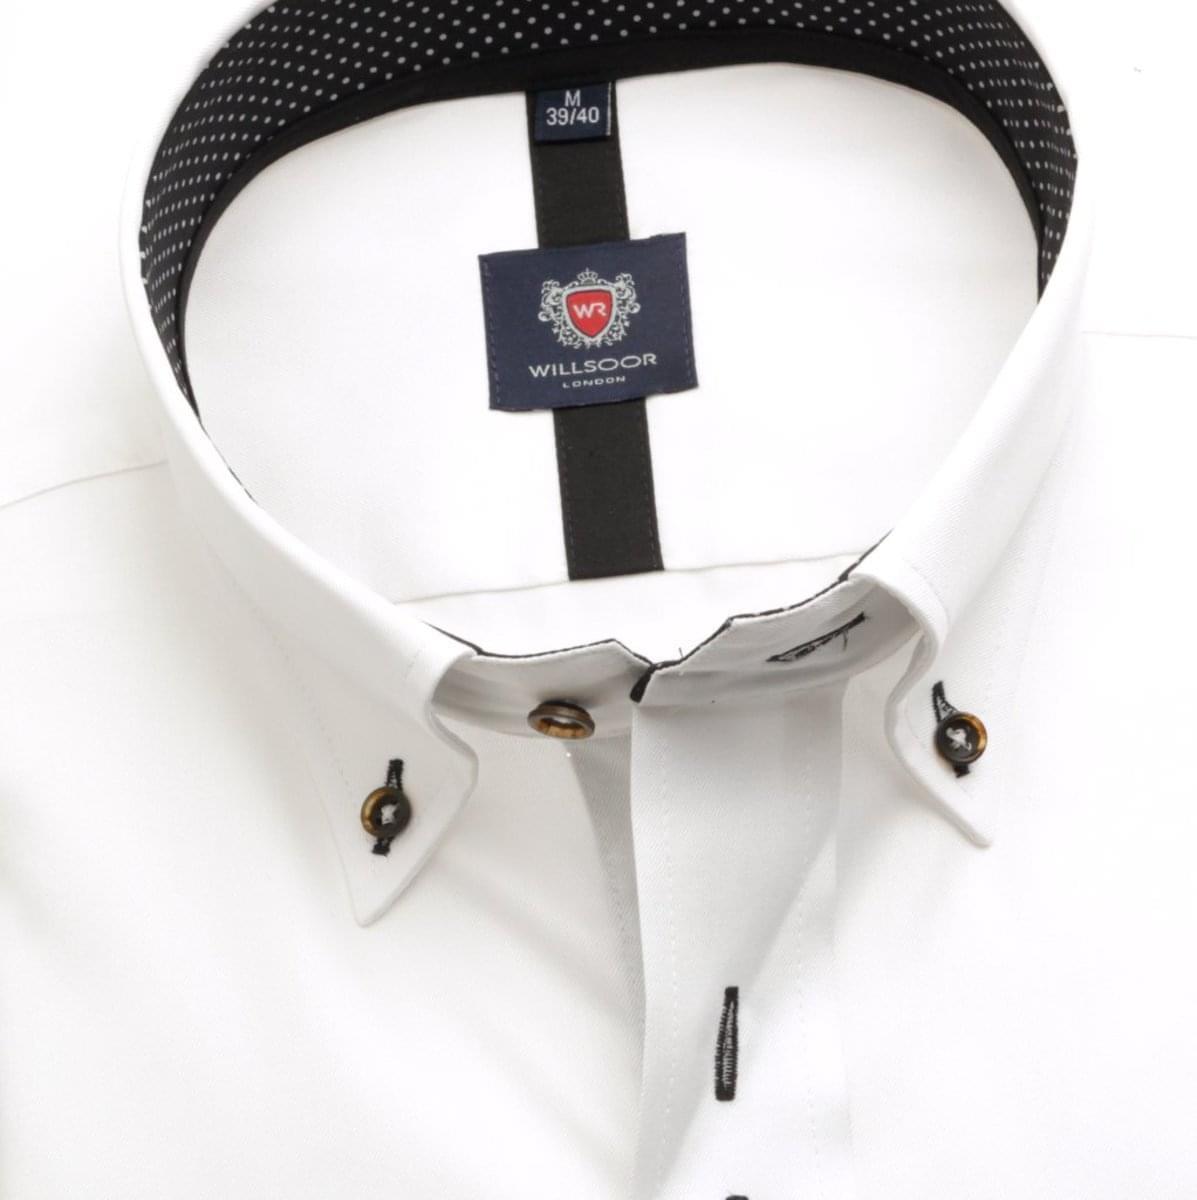 Pánská košile London v bílé barvě (výška 176-182) 5503 176-182 / M (39/40)